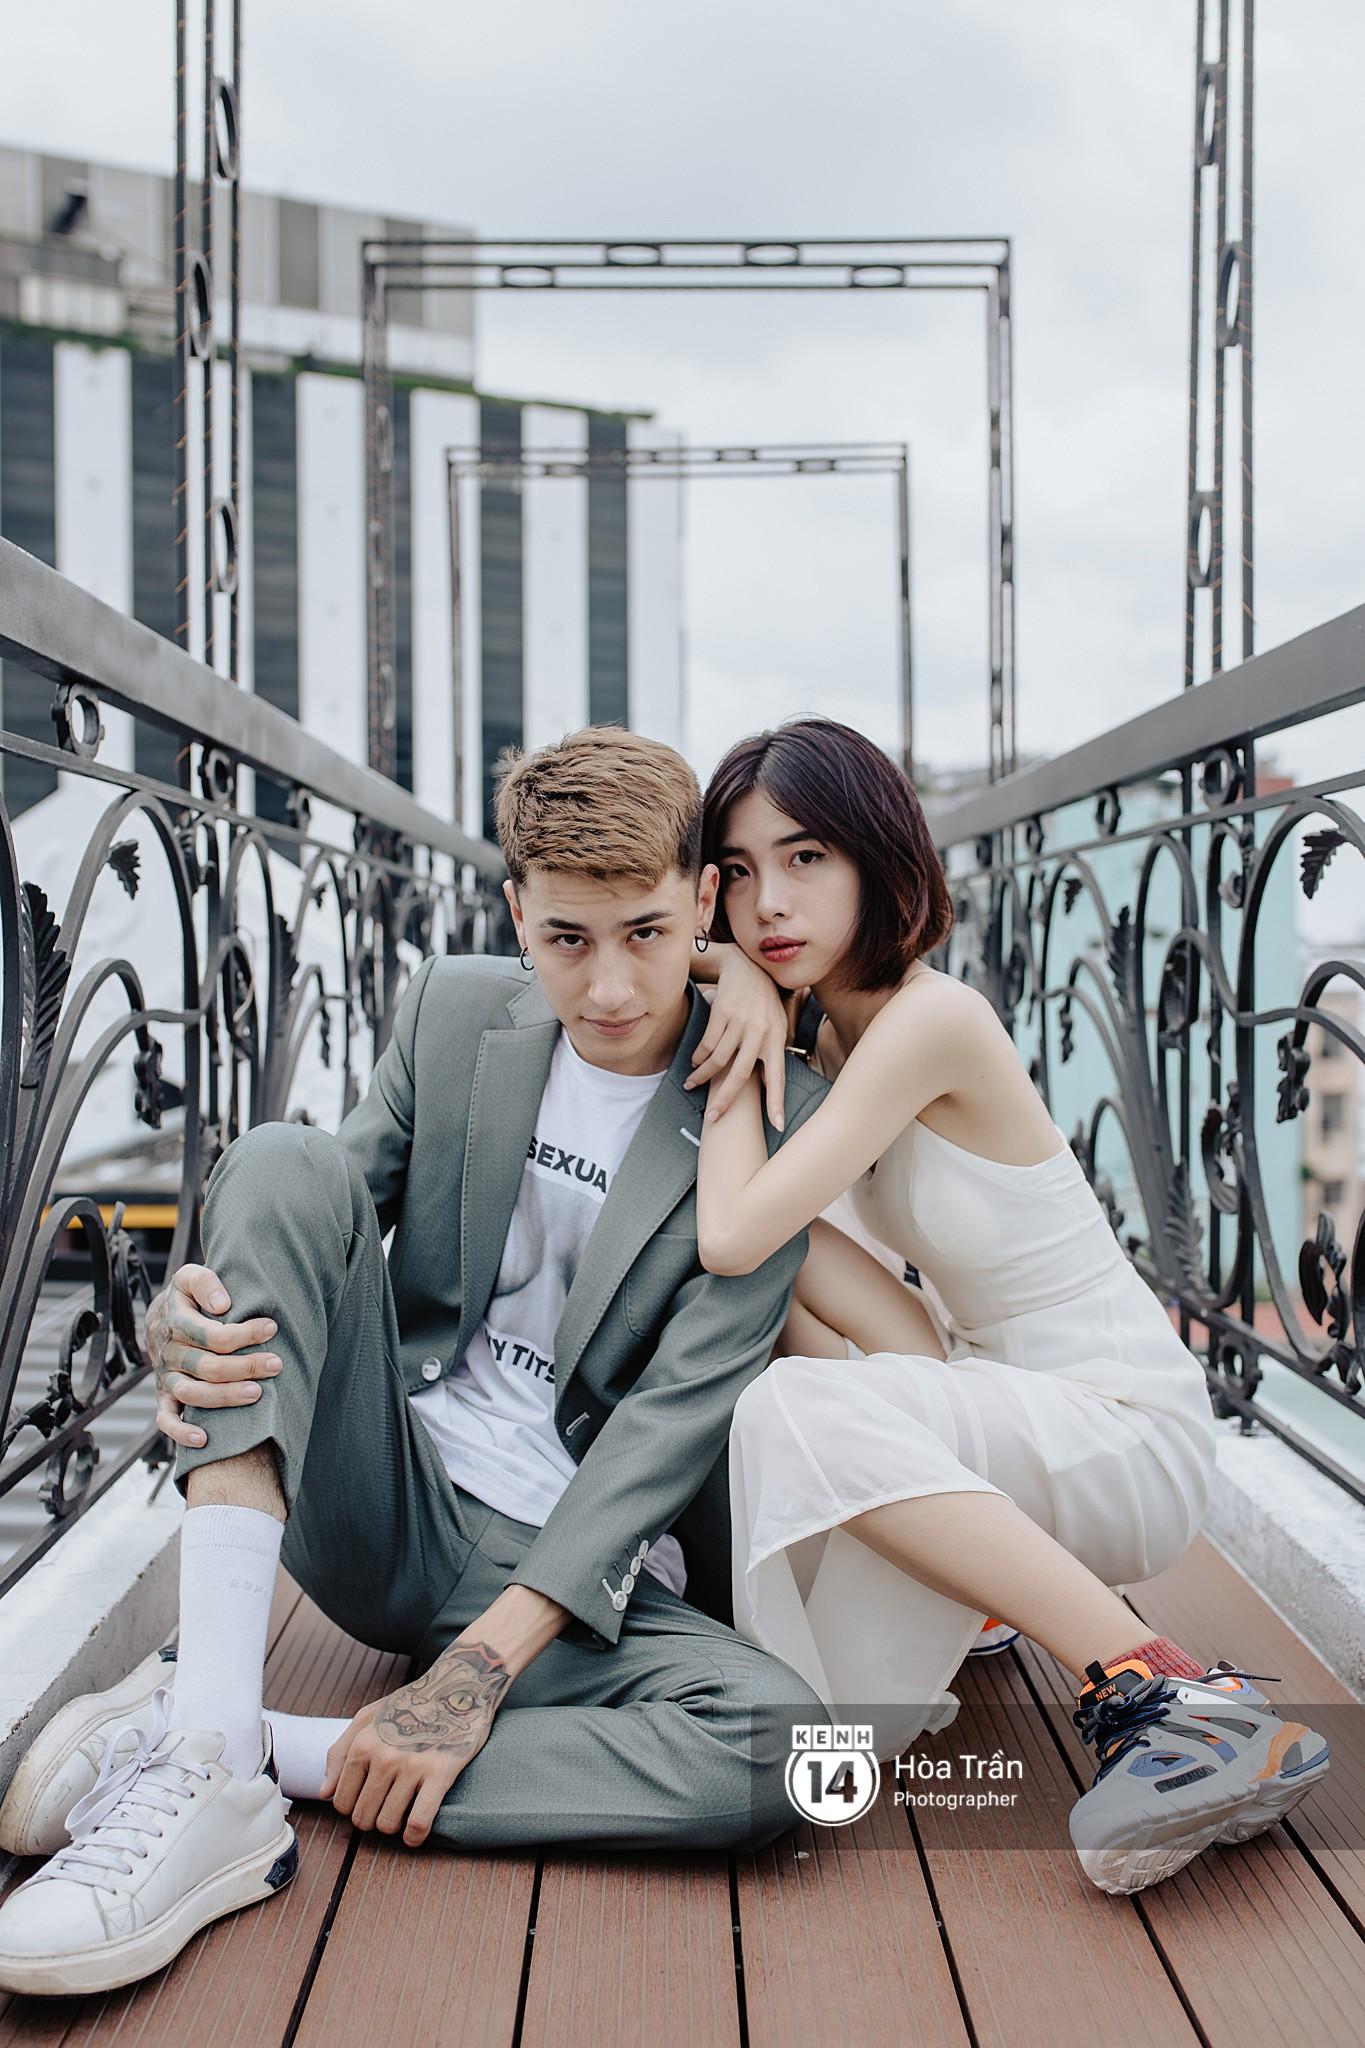 Couple hot boy lai tây và mẫu lookbook nổi tiếng Sài Thành: Chuyện tình chị - em kém 4 tuổi, yêu nhau nhờ thả haha trên Facebook - Ảnh 8.